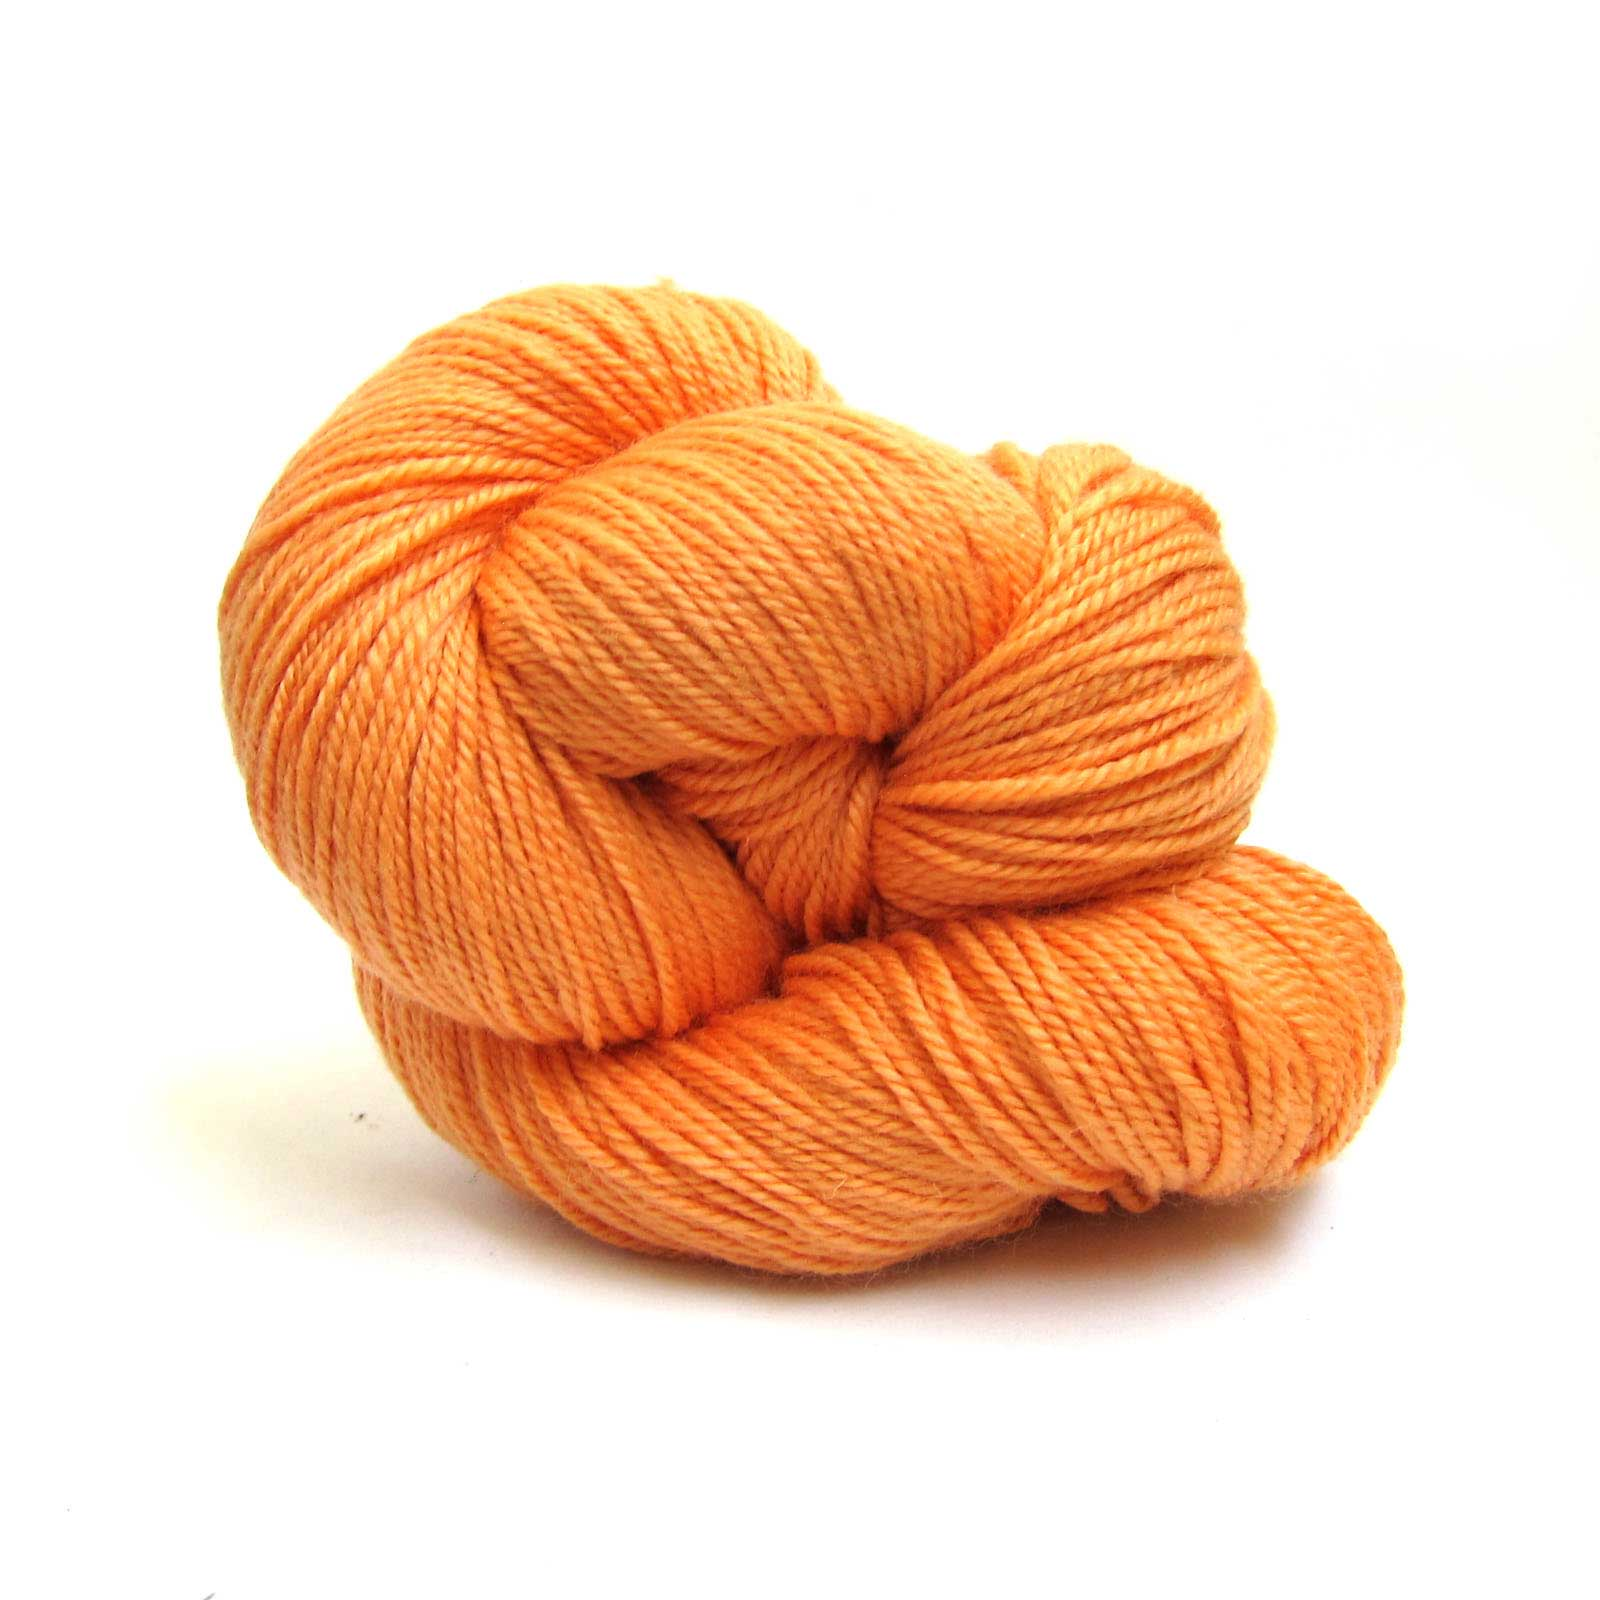 Tangerine Louet Gems 100% Merino Superwash Yarn